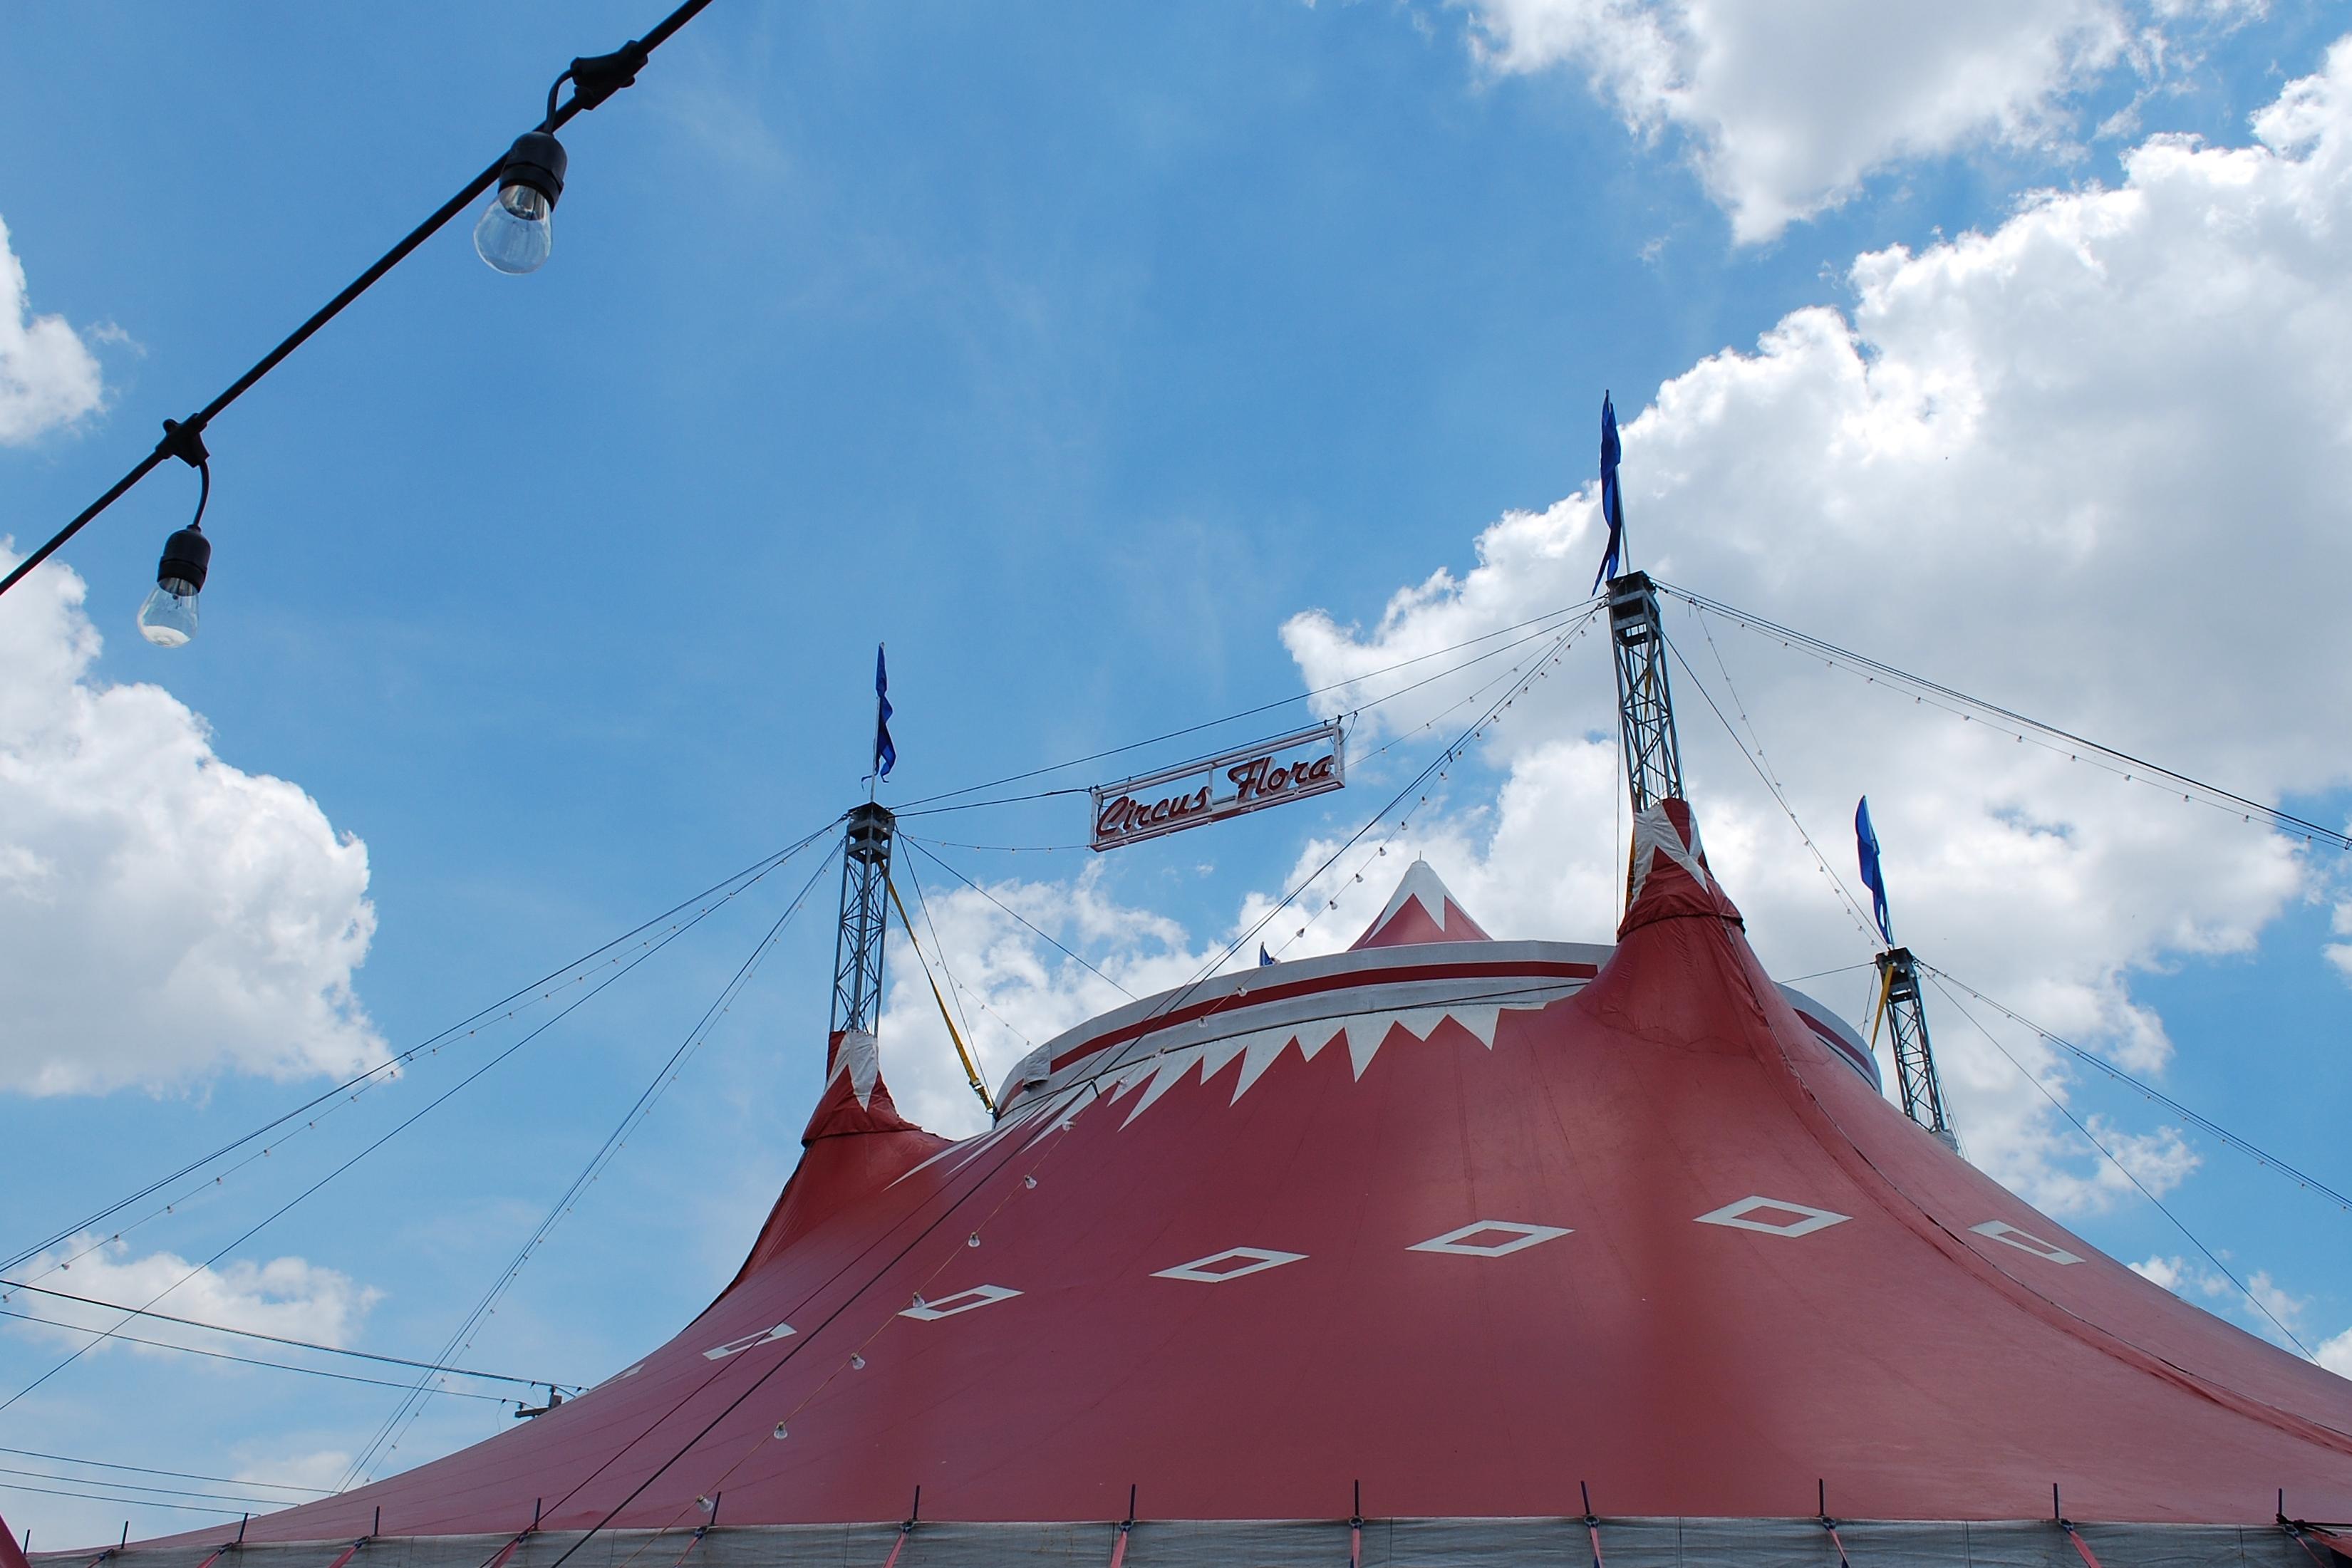 circus flora 2